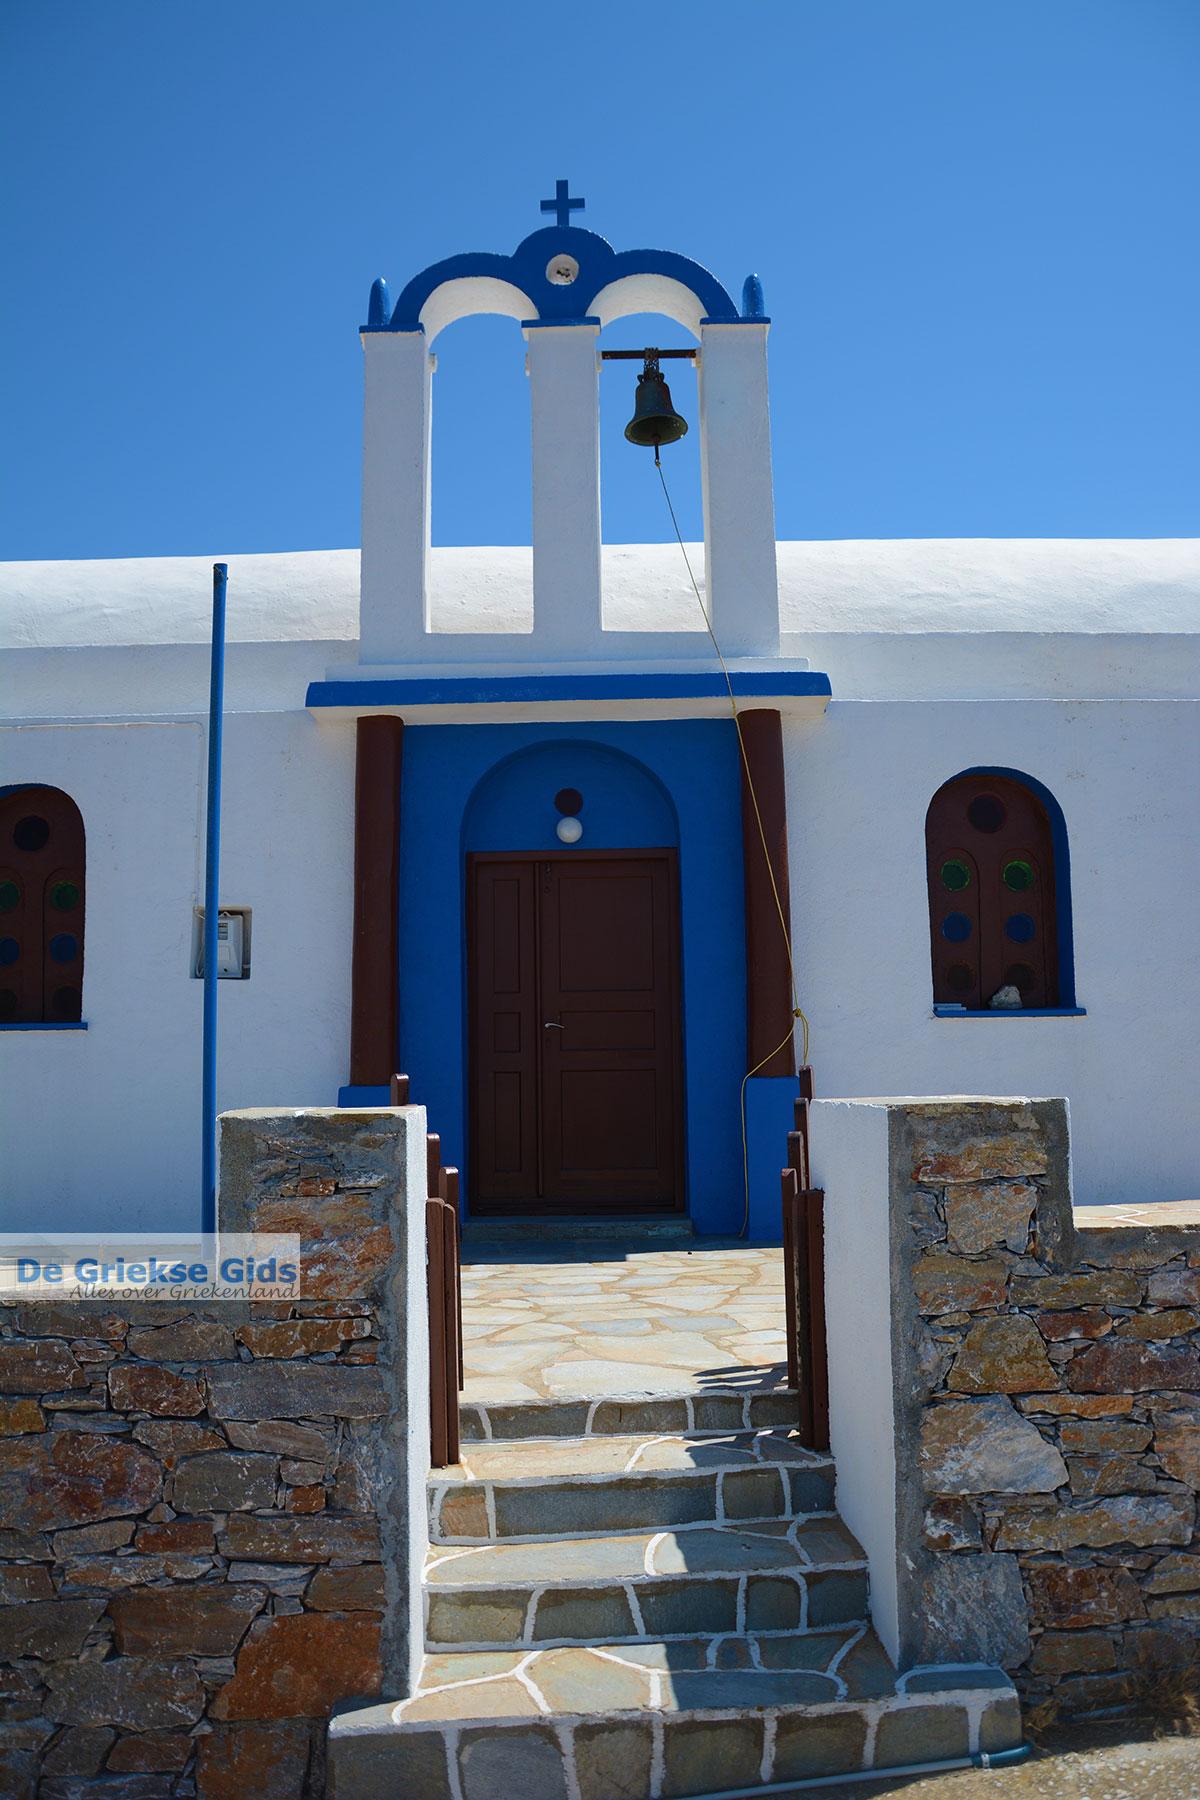 foto Ano Meria Folegandros - Eiland Folegandros - Cycladen - Foto 196